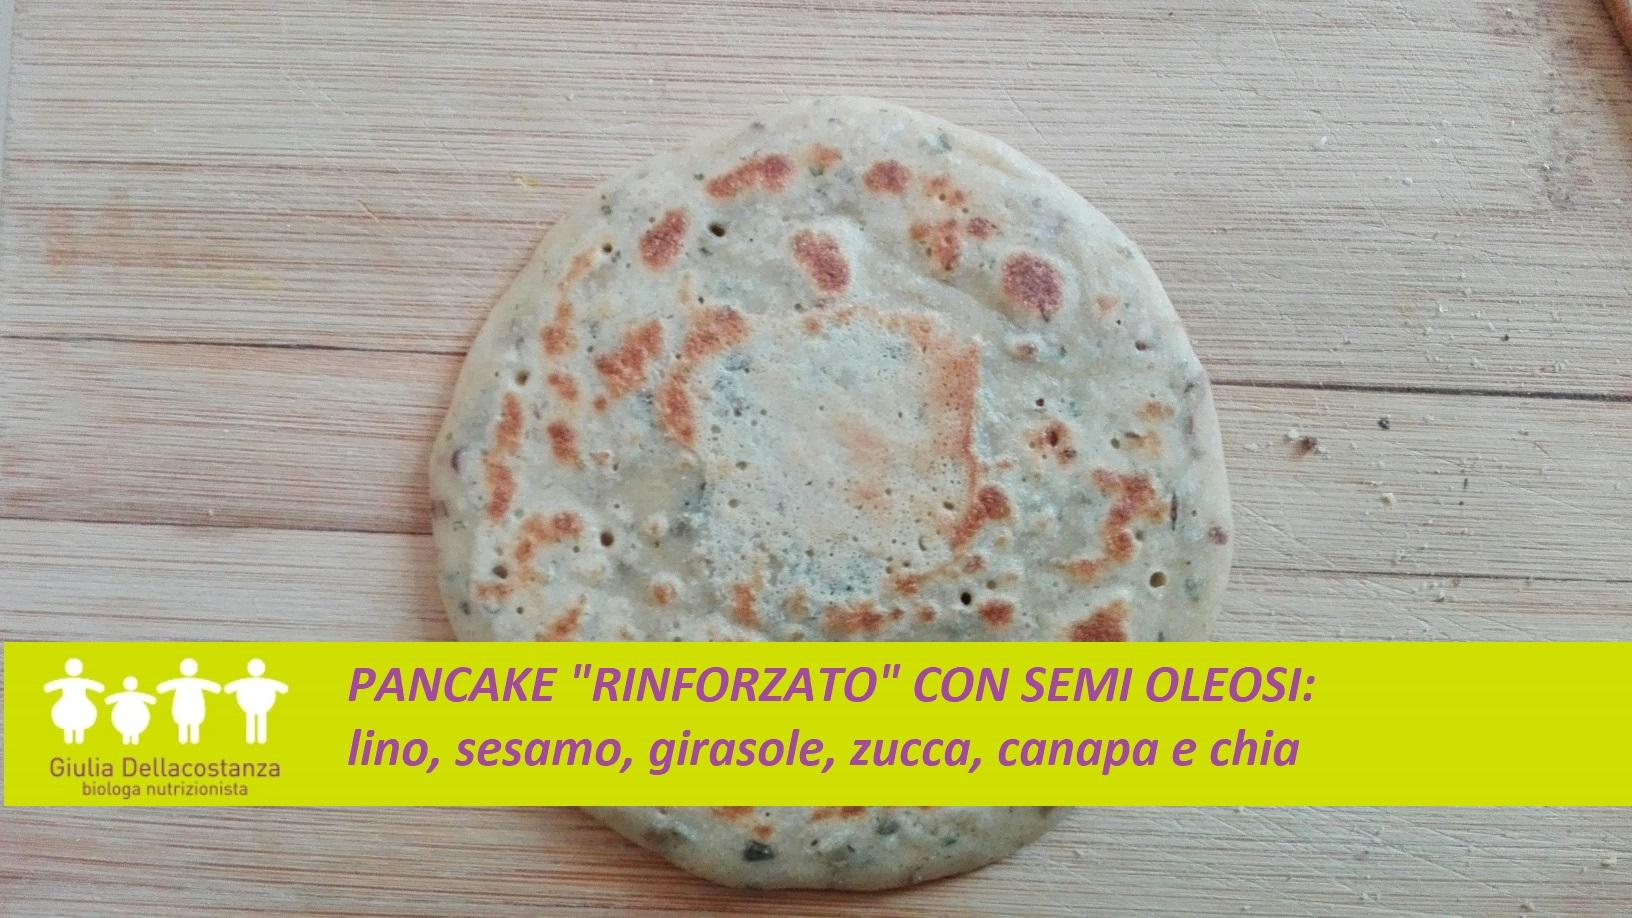 Colazione giusta - pancake rinforzato con semi oleosi.